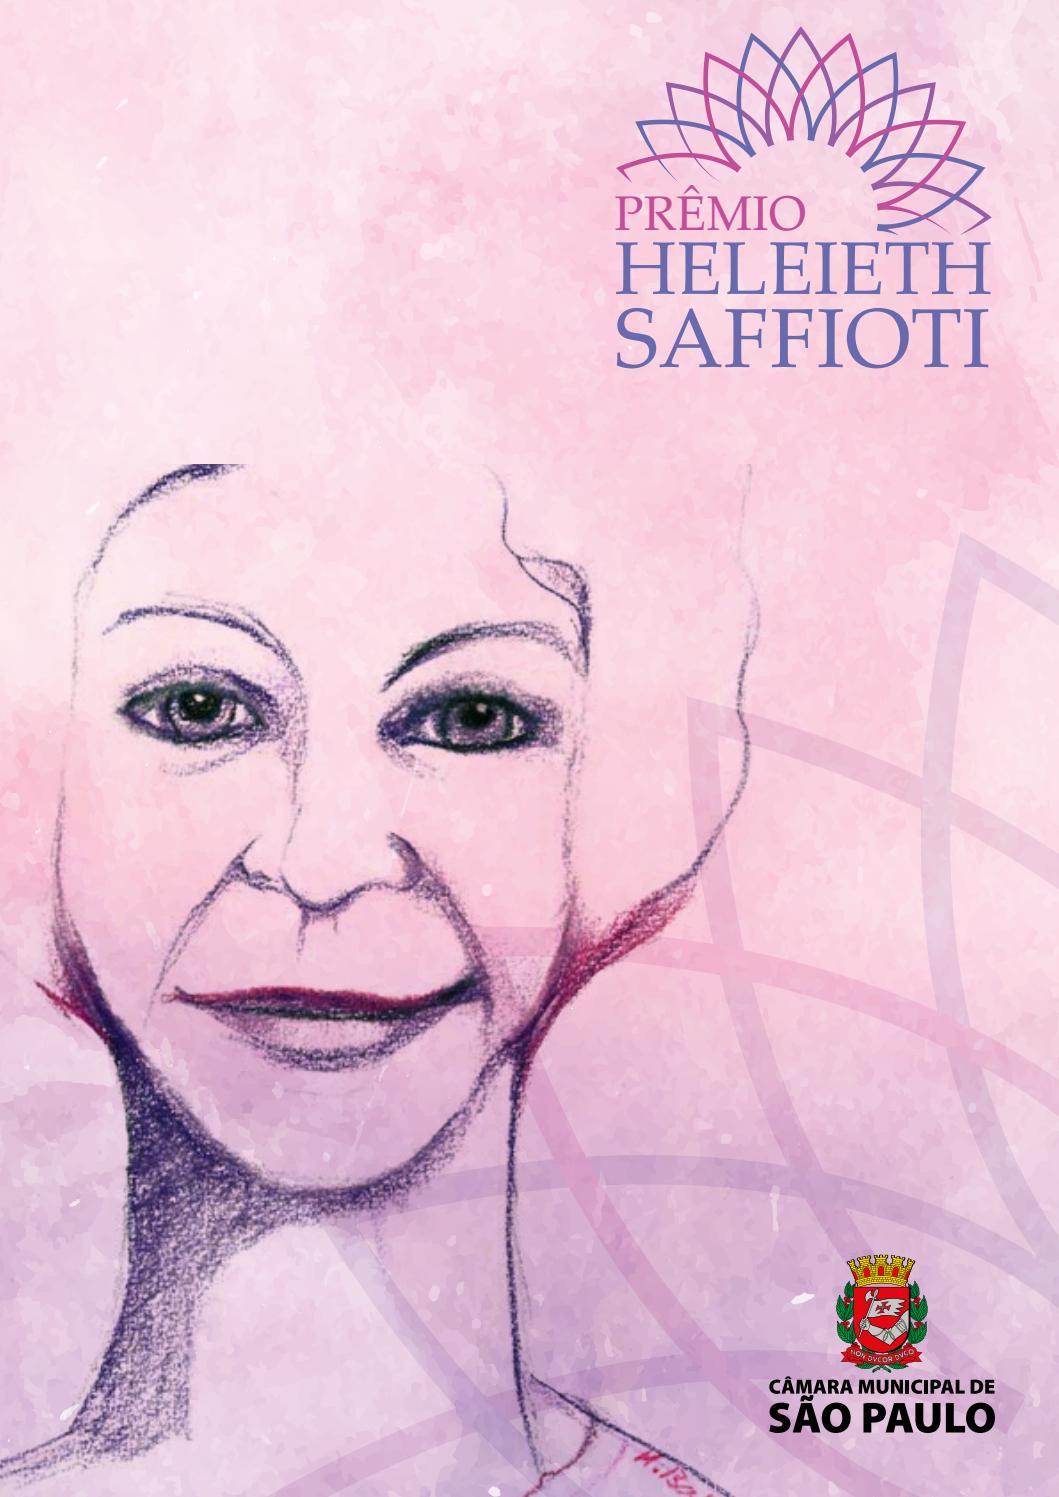 Amelinha Lilith pr�mio heleieth saffioticentro de mem�ria da c�mara